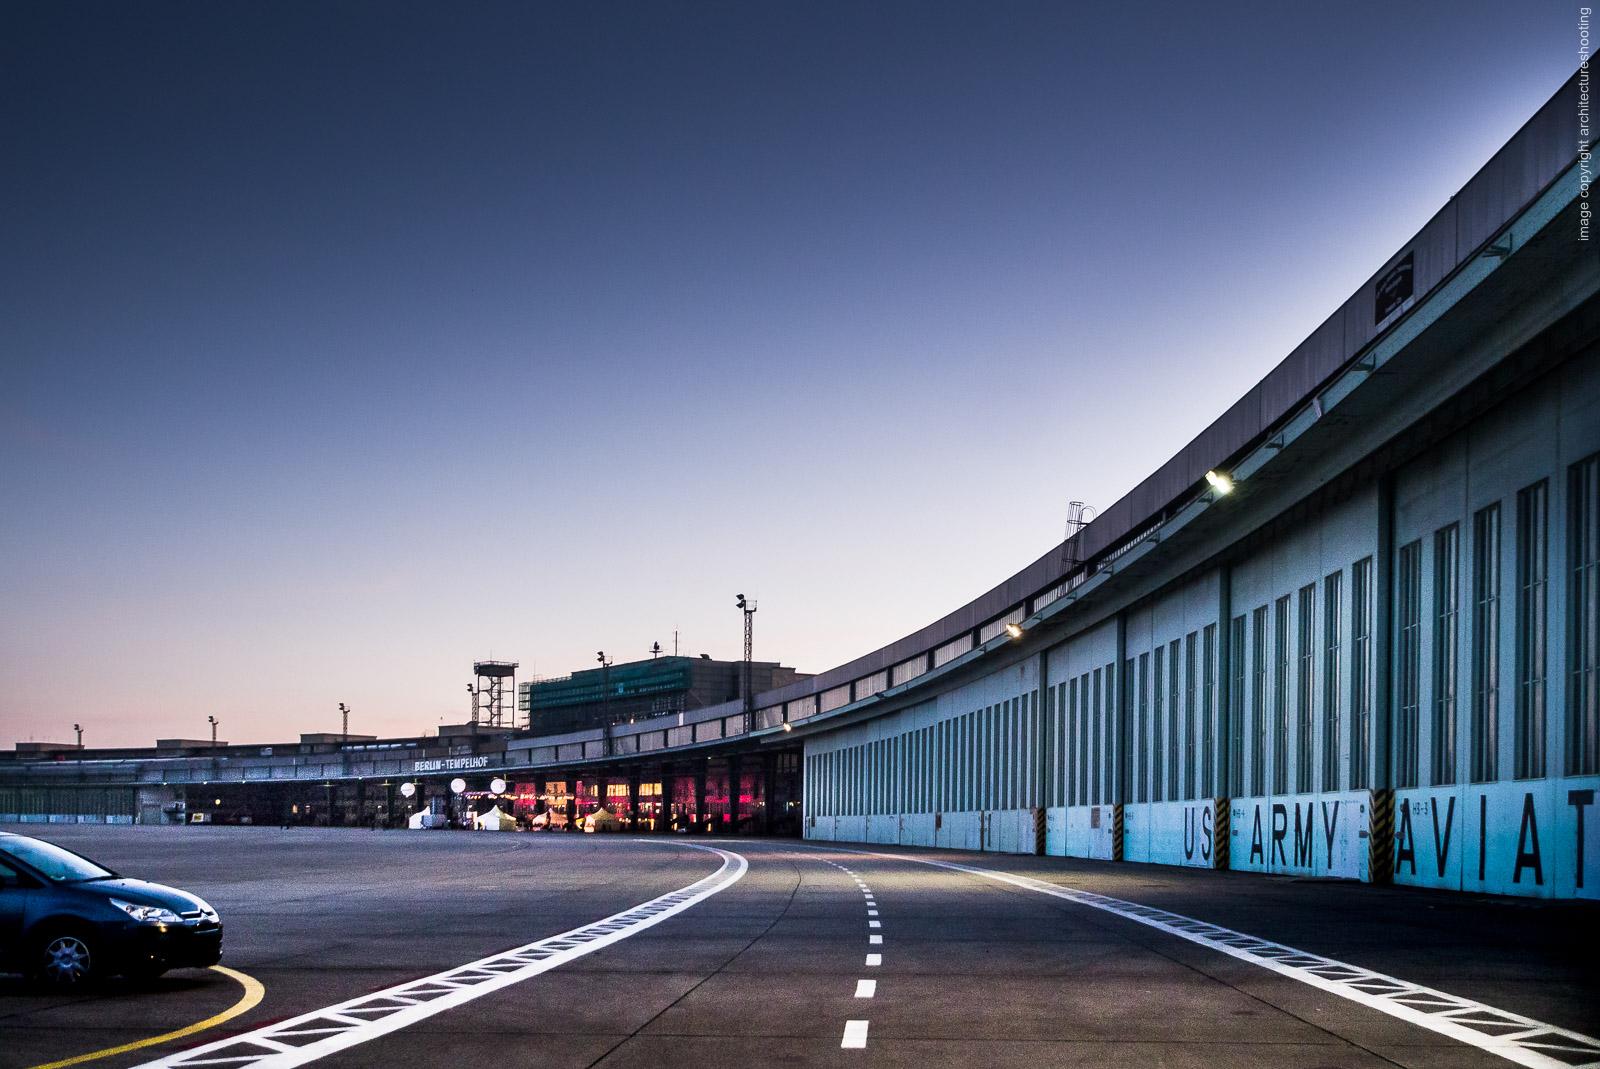 Flughafen Tempelhof, Berlin